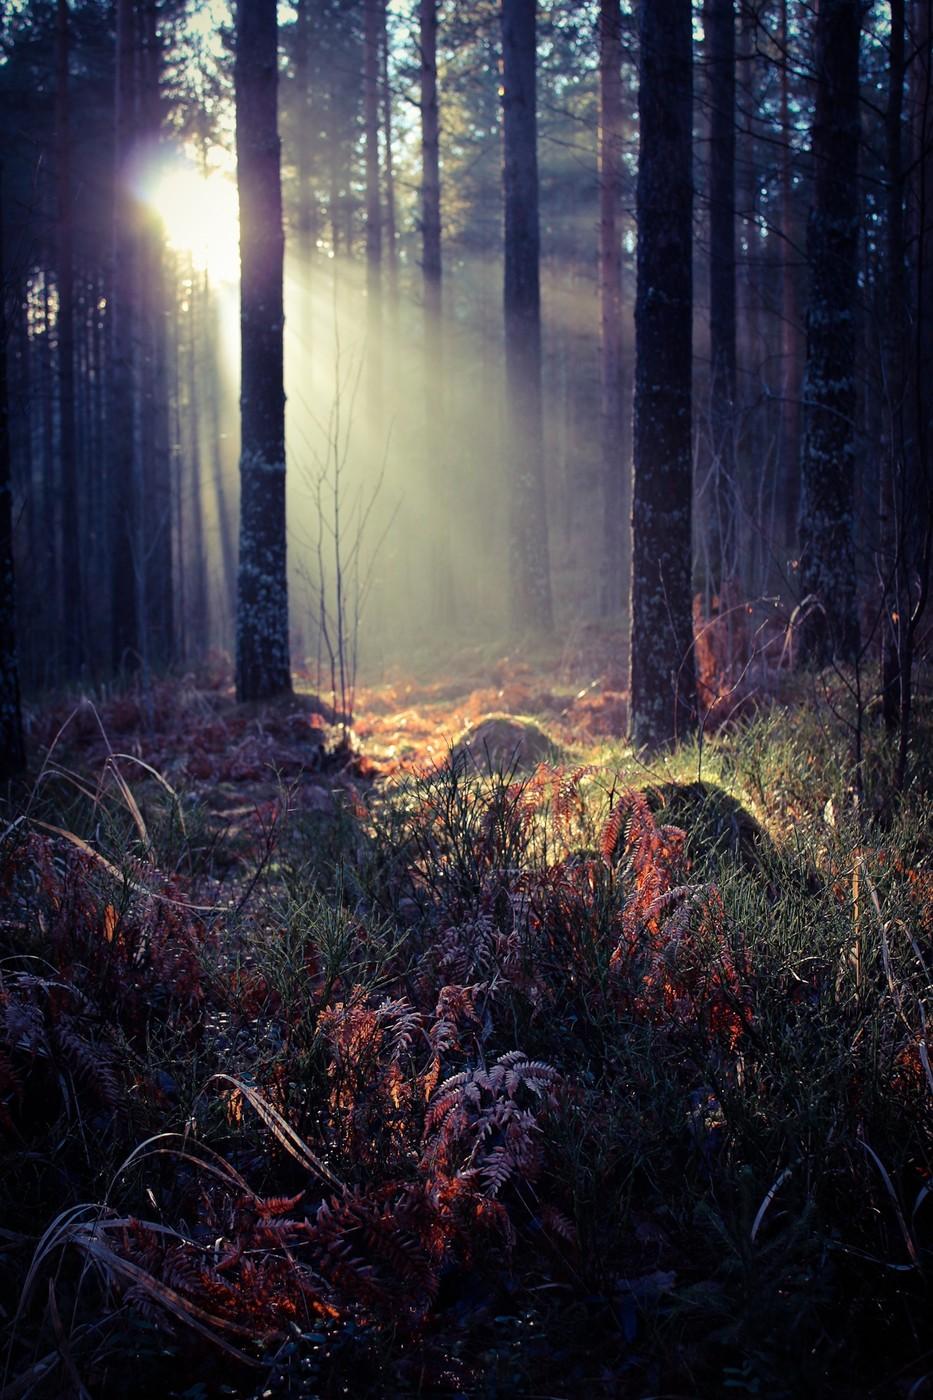 AdobePhotoshopExpress_2013_11_23_174546.jpg